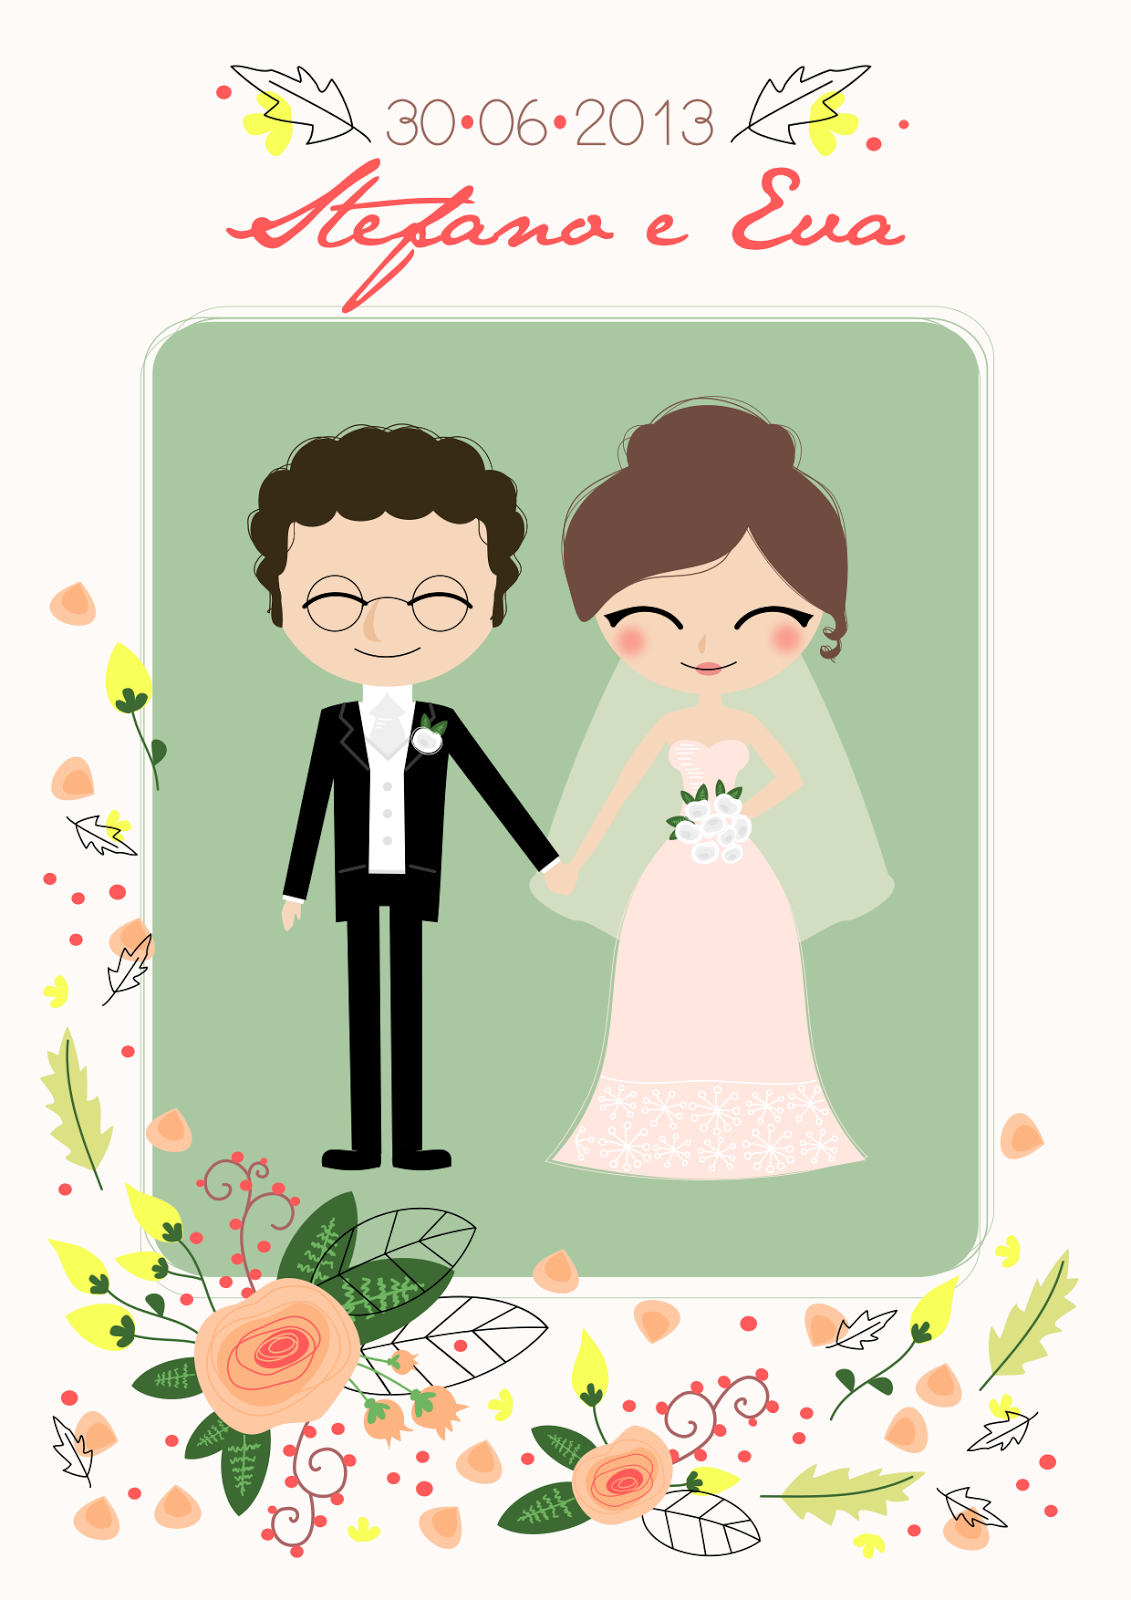 12 Anniversario Matrimonio.Cestino Di Mirtilli Grafica Per Un Anniversario Di Nozze